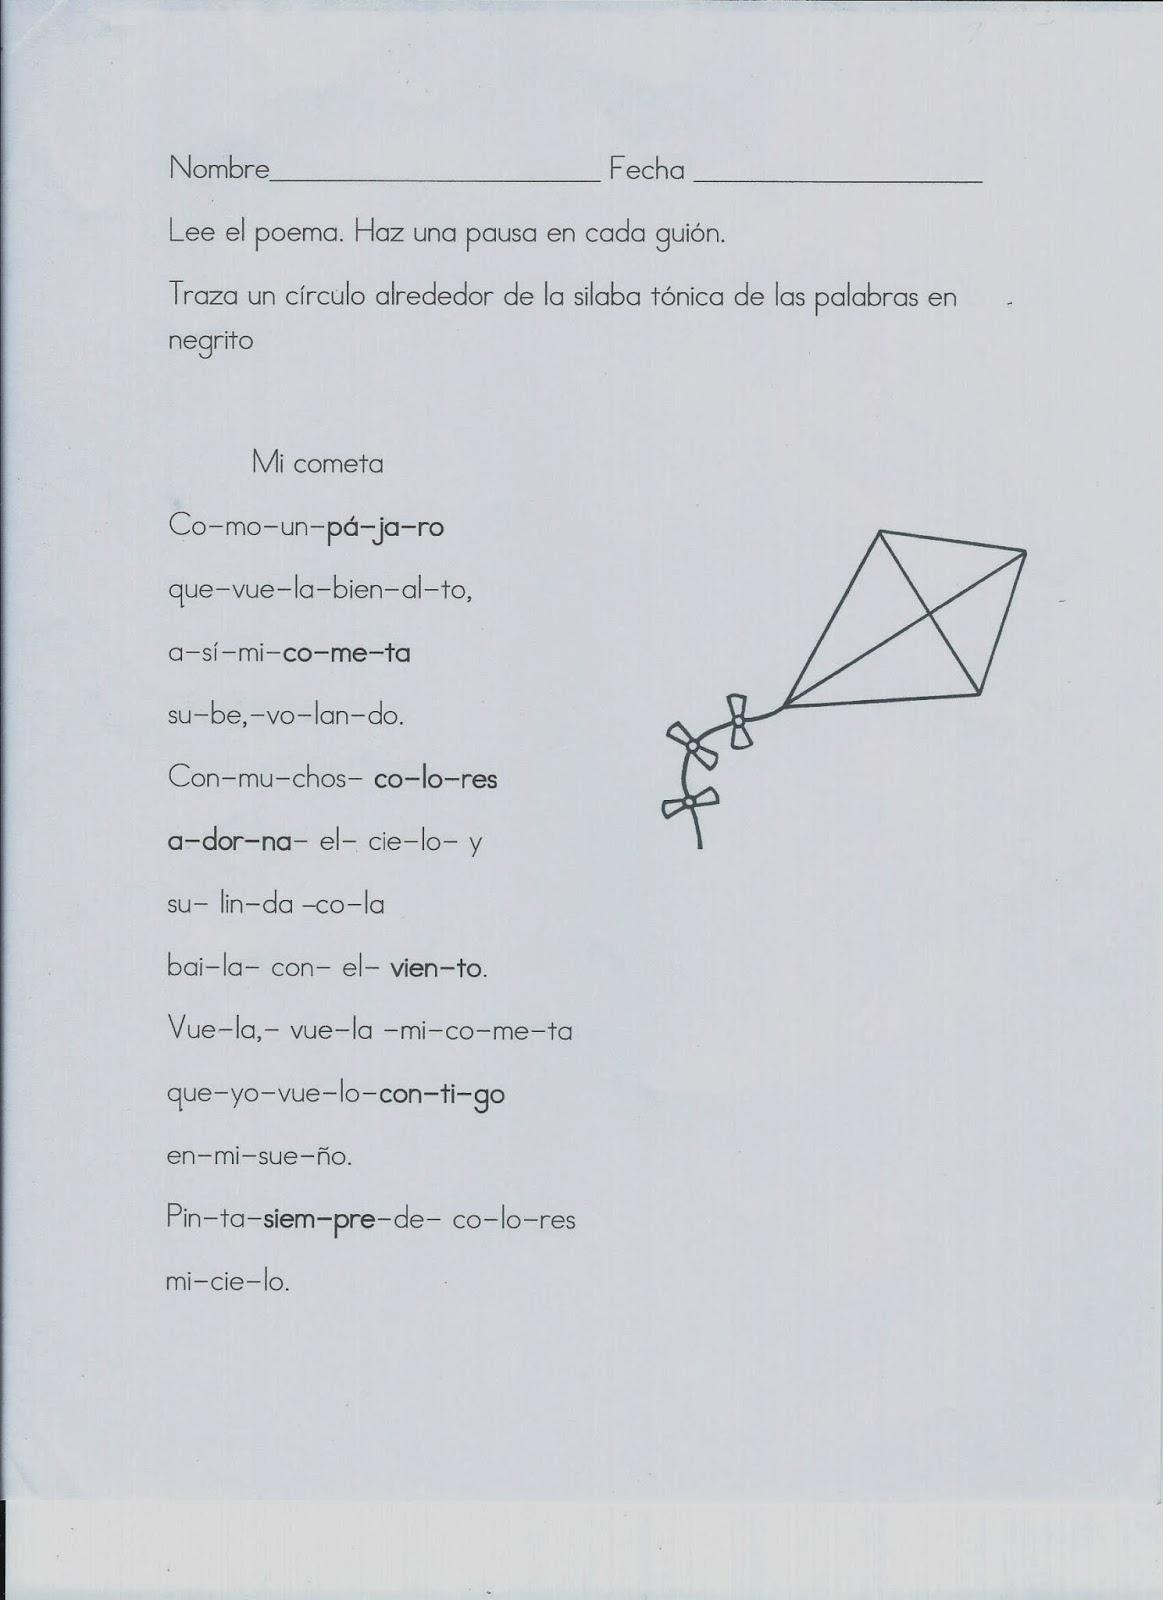 PEKES BRILLANTES : La poesia